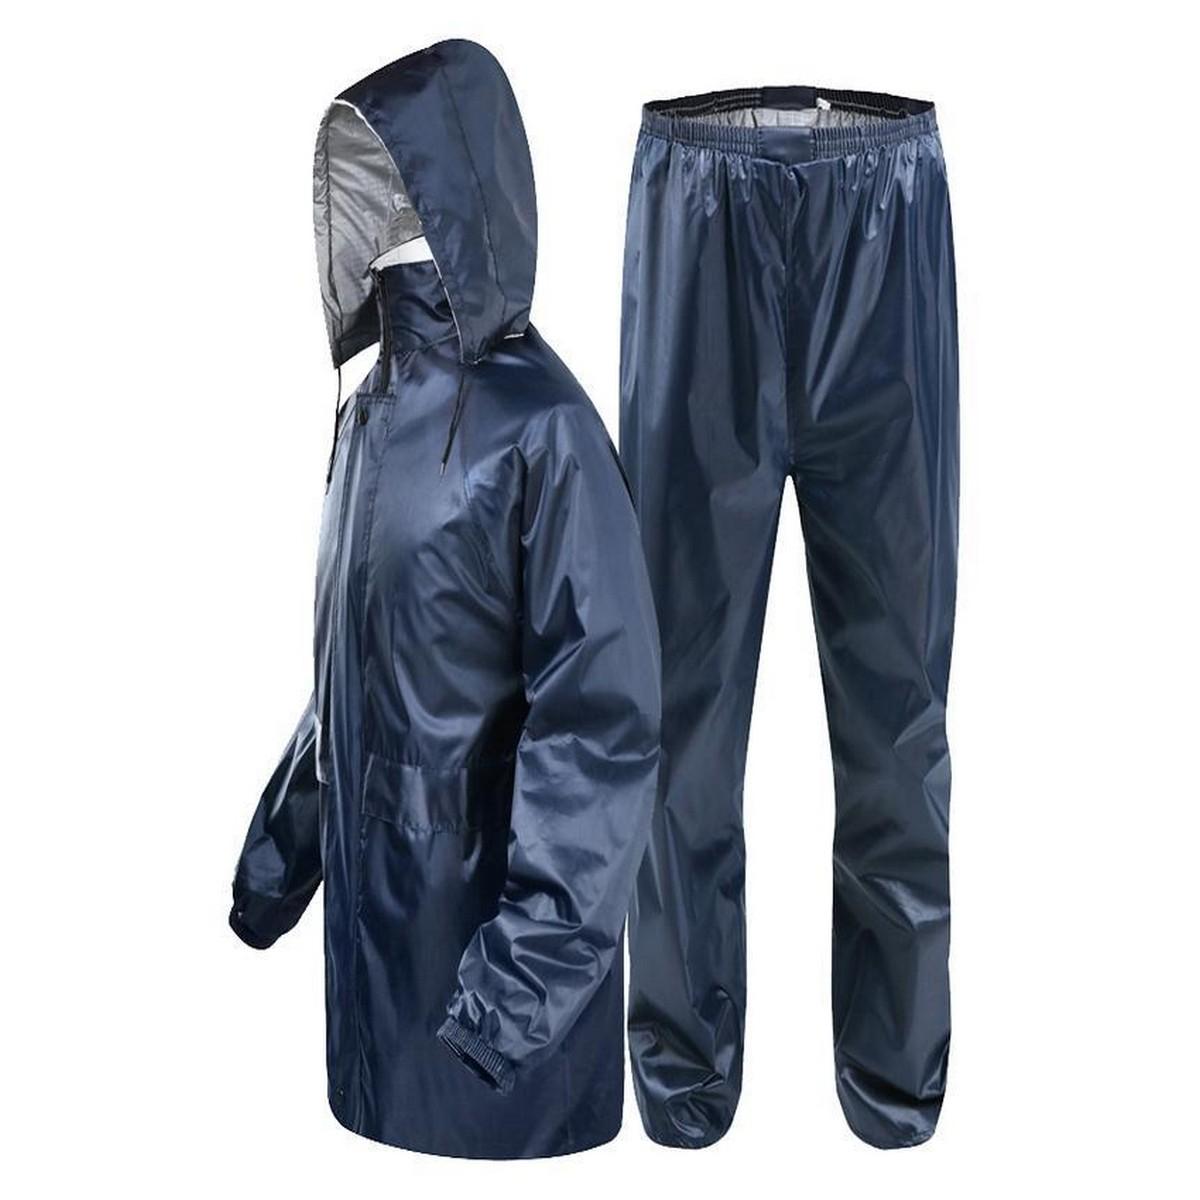 Rain Suit / WATER PROOF / Rainsuit